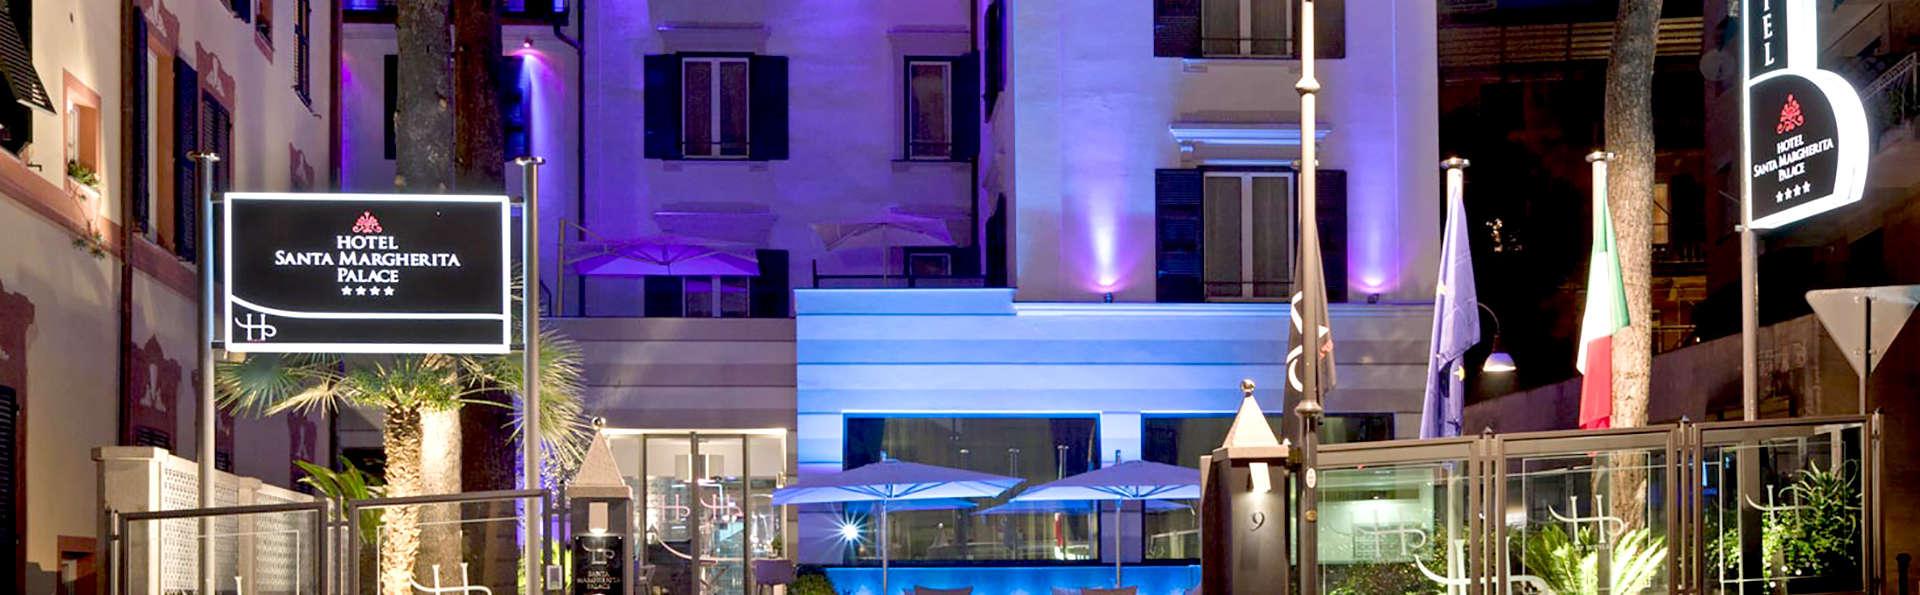 Week-end en hôtel boutique à Santa Margherita Ligure !